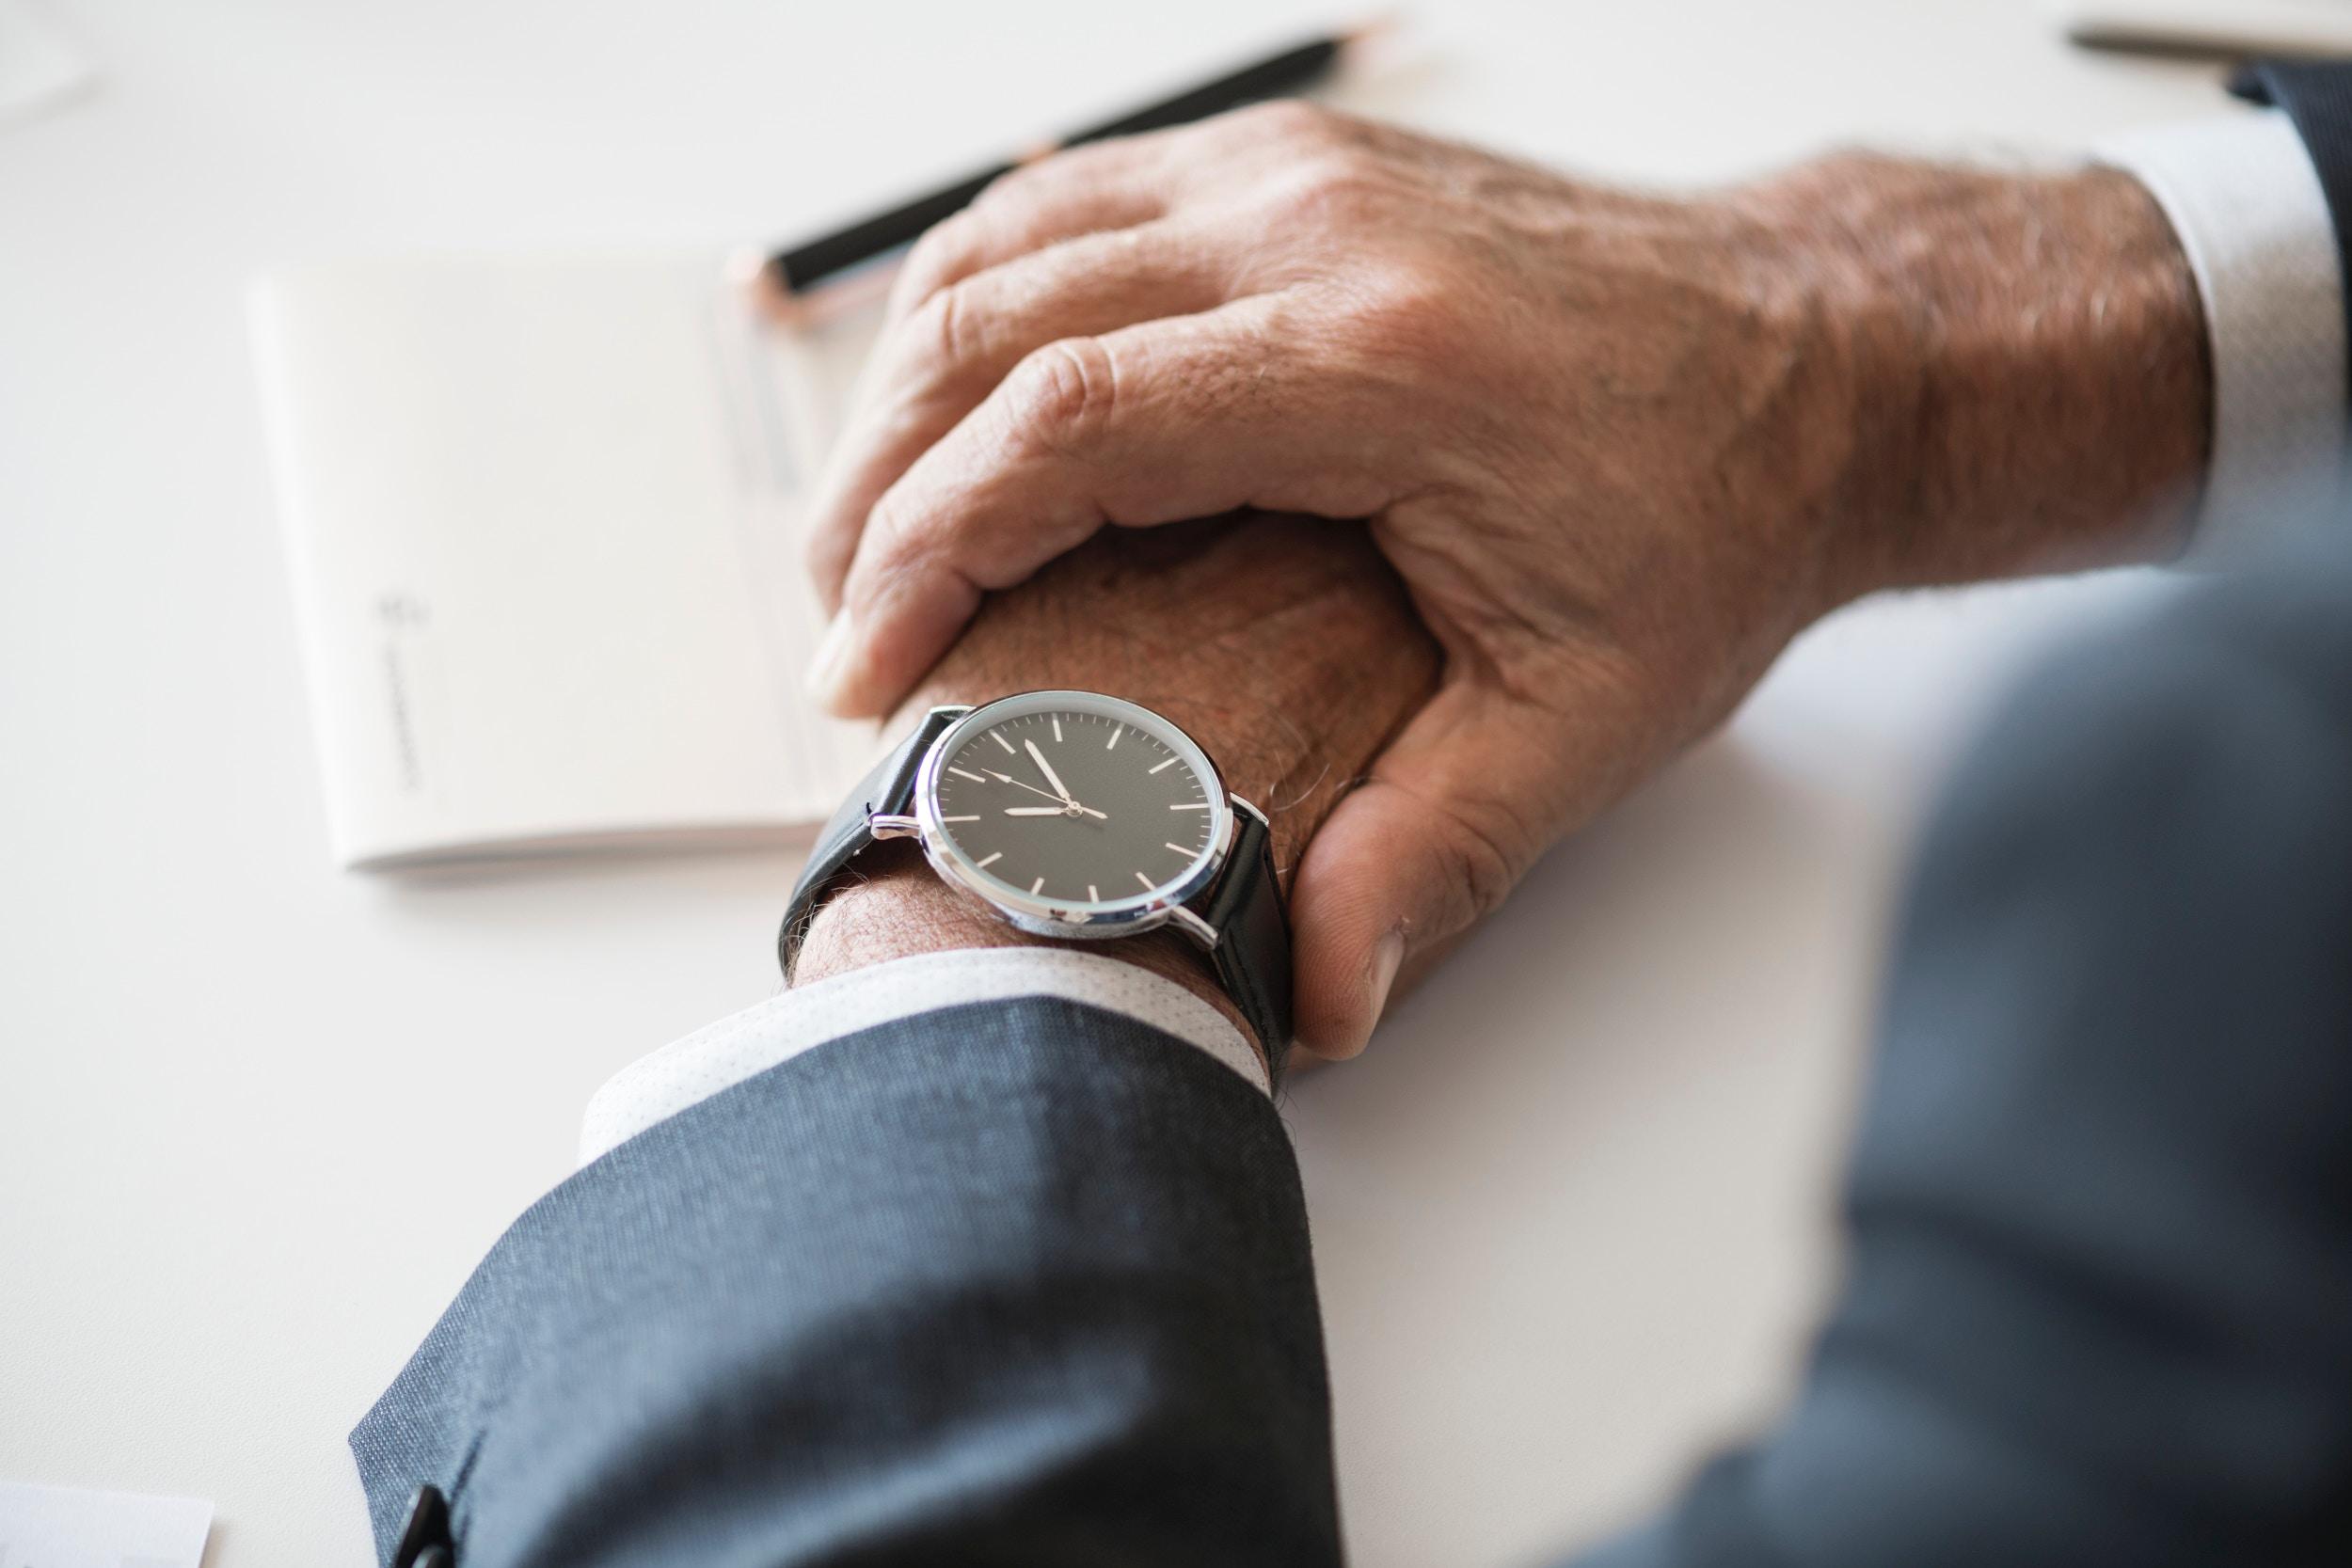 a man wearing a wrist watch during an executive job interview